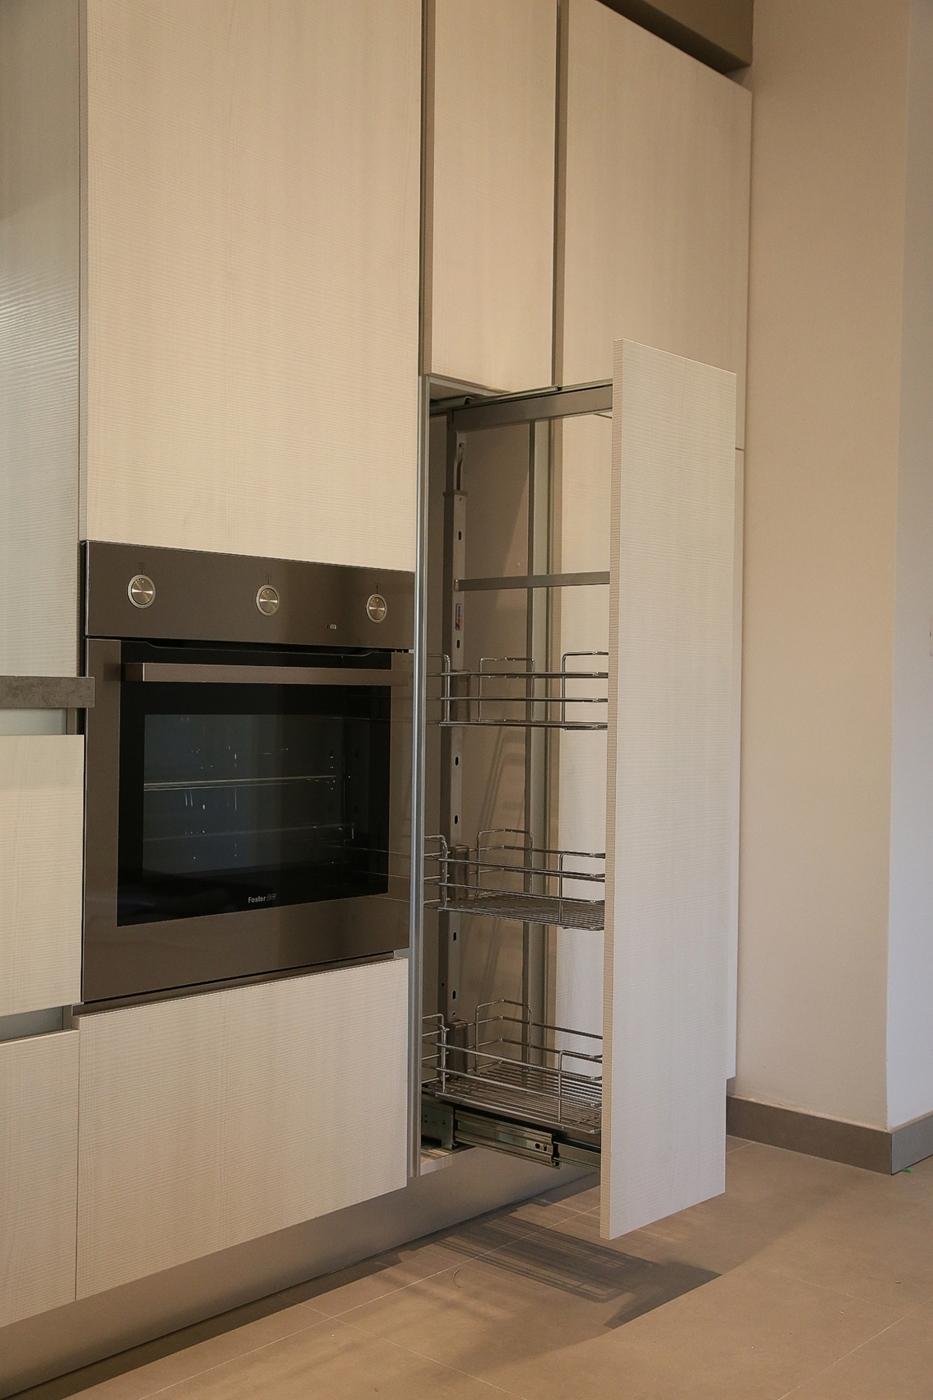 Cucina su misura casa del mobile rimini - Casa del mobile rimini ...